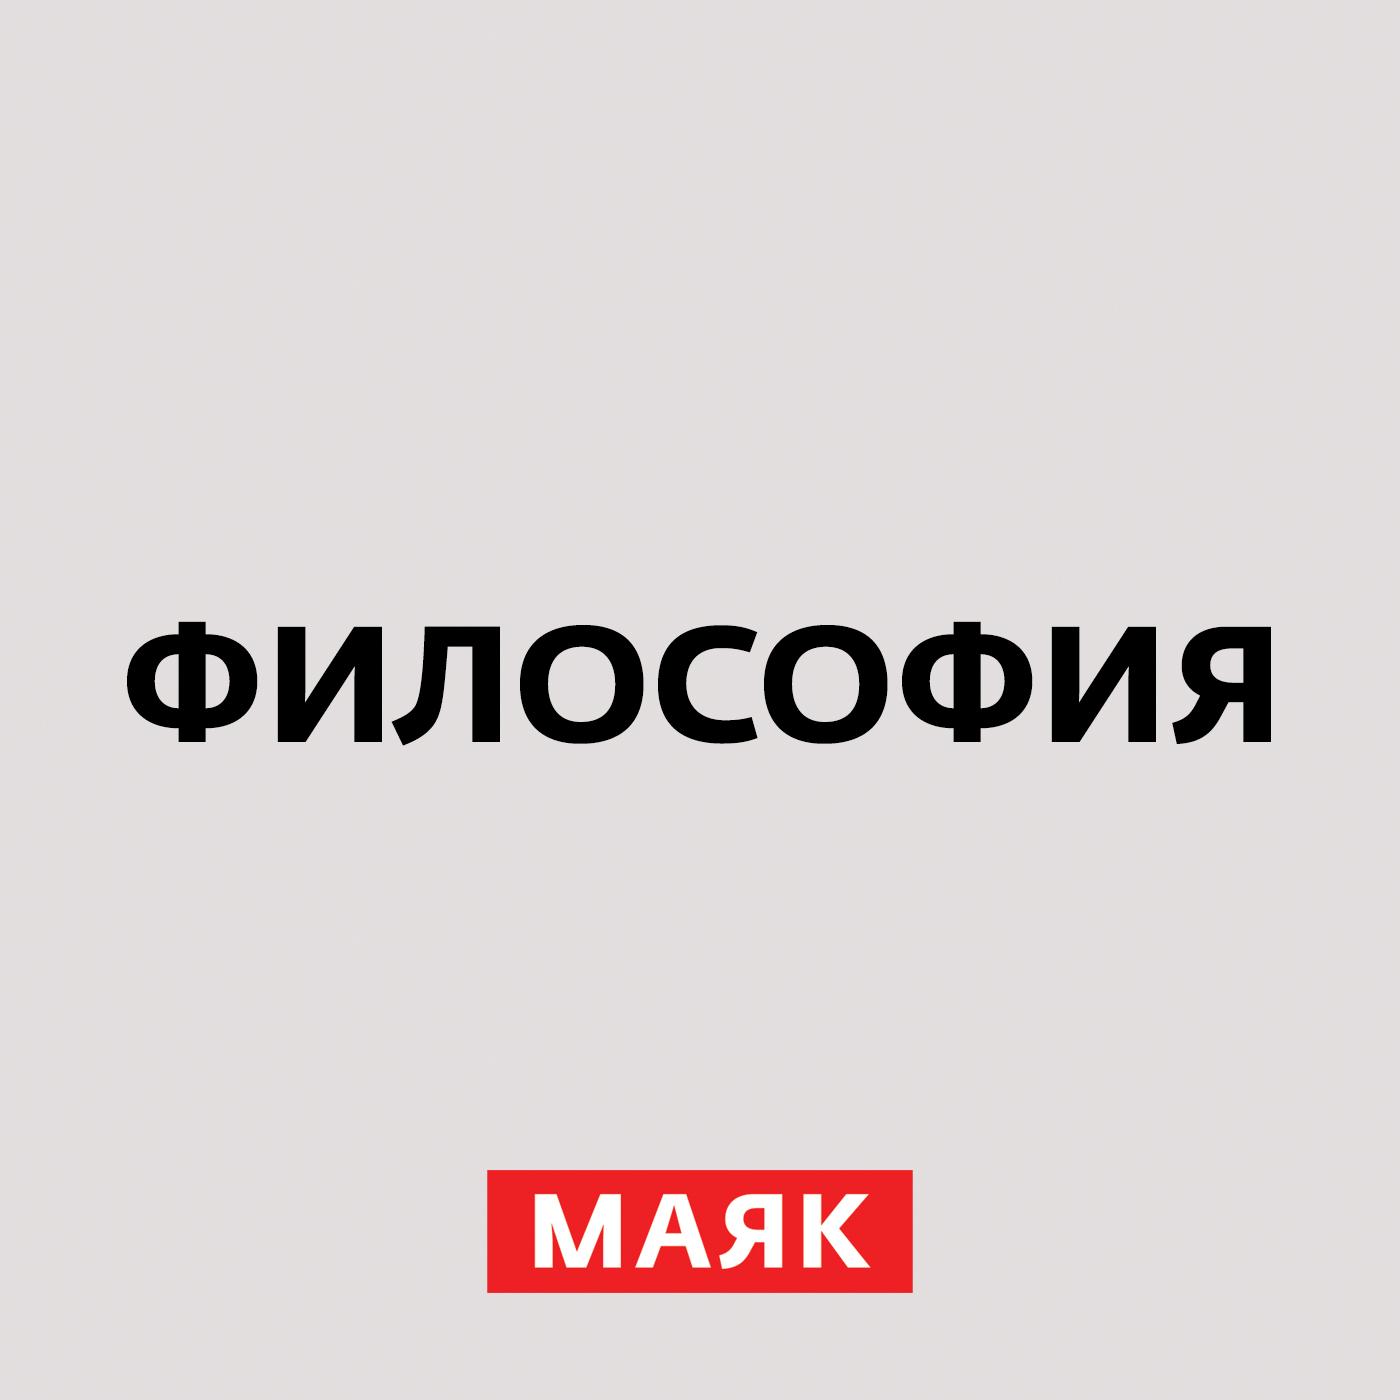 Творческий коллектив шоу «Объект 22» Мартин Хайдеггер и философская теология ХХ века хайдеггер мартин лекции о метафизике